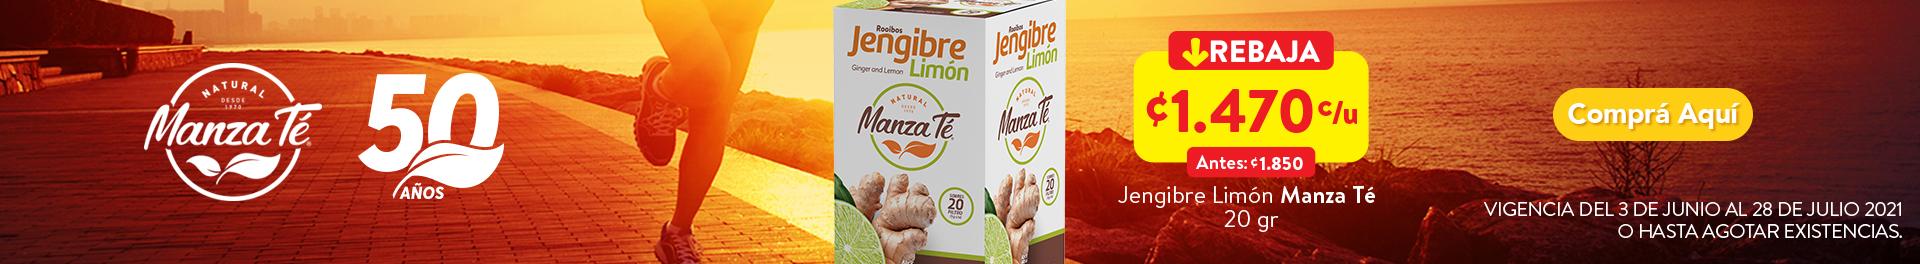 Manza Te Jengibre